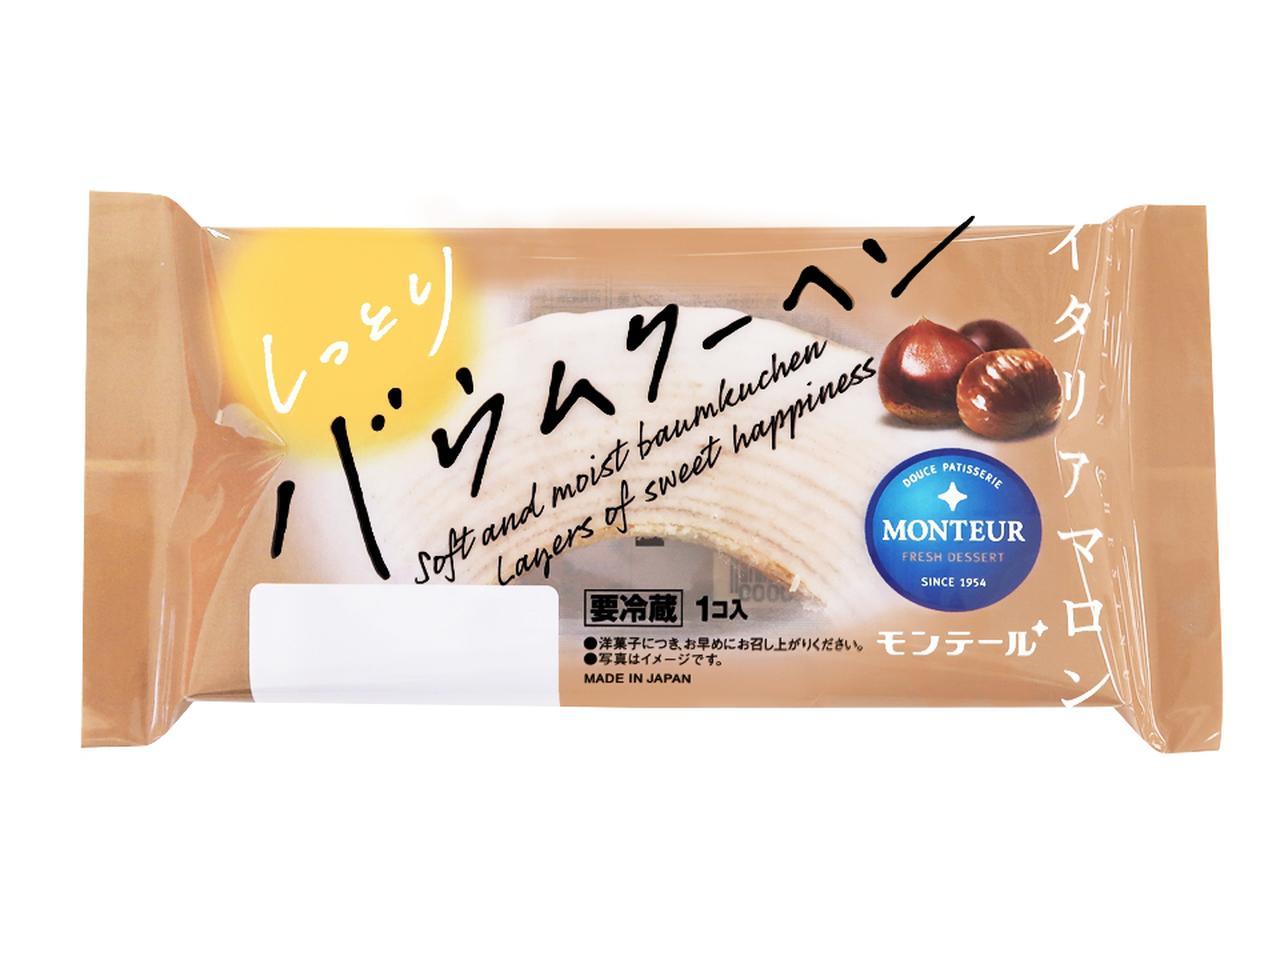 画像3: www.monteur.co.jp